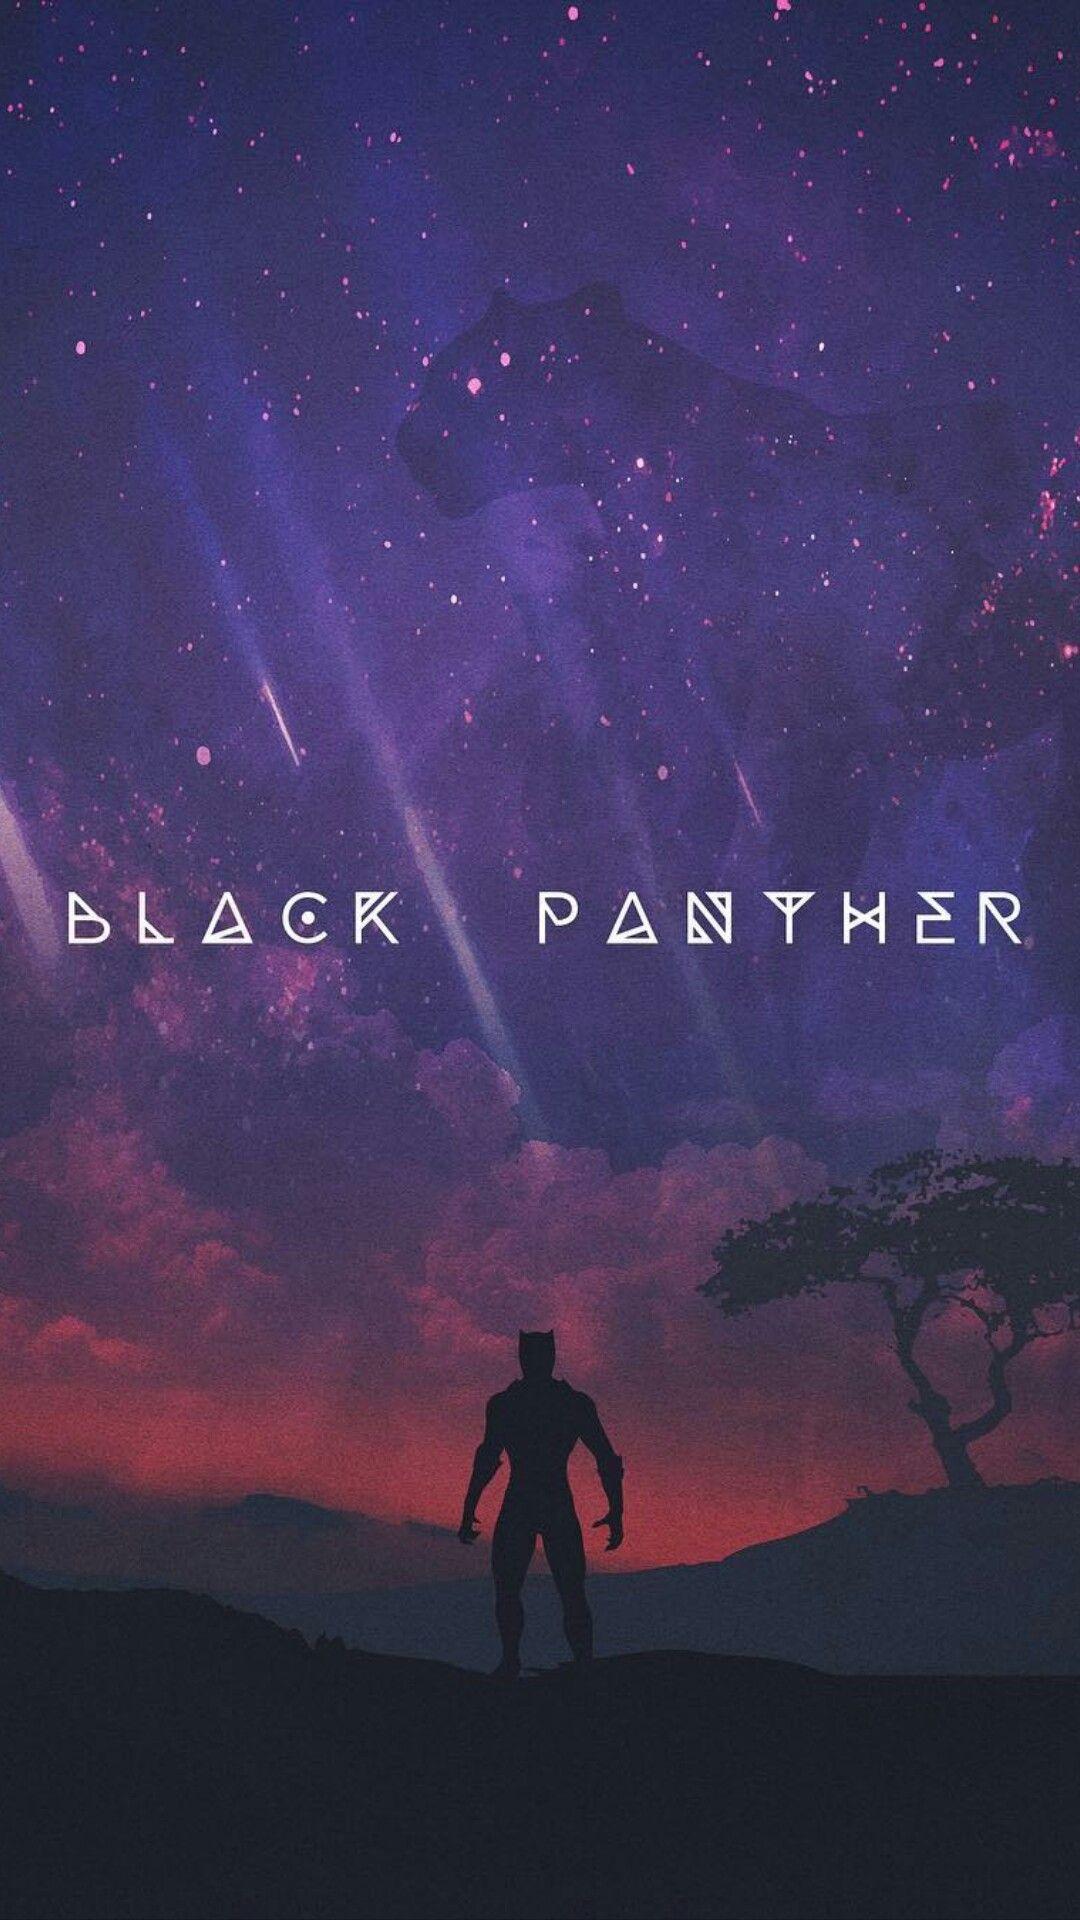 Pin By Aaron Jones On Super Heroes Pictures Black Panther Marvel Marvel Heroes Black Panther